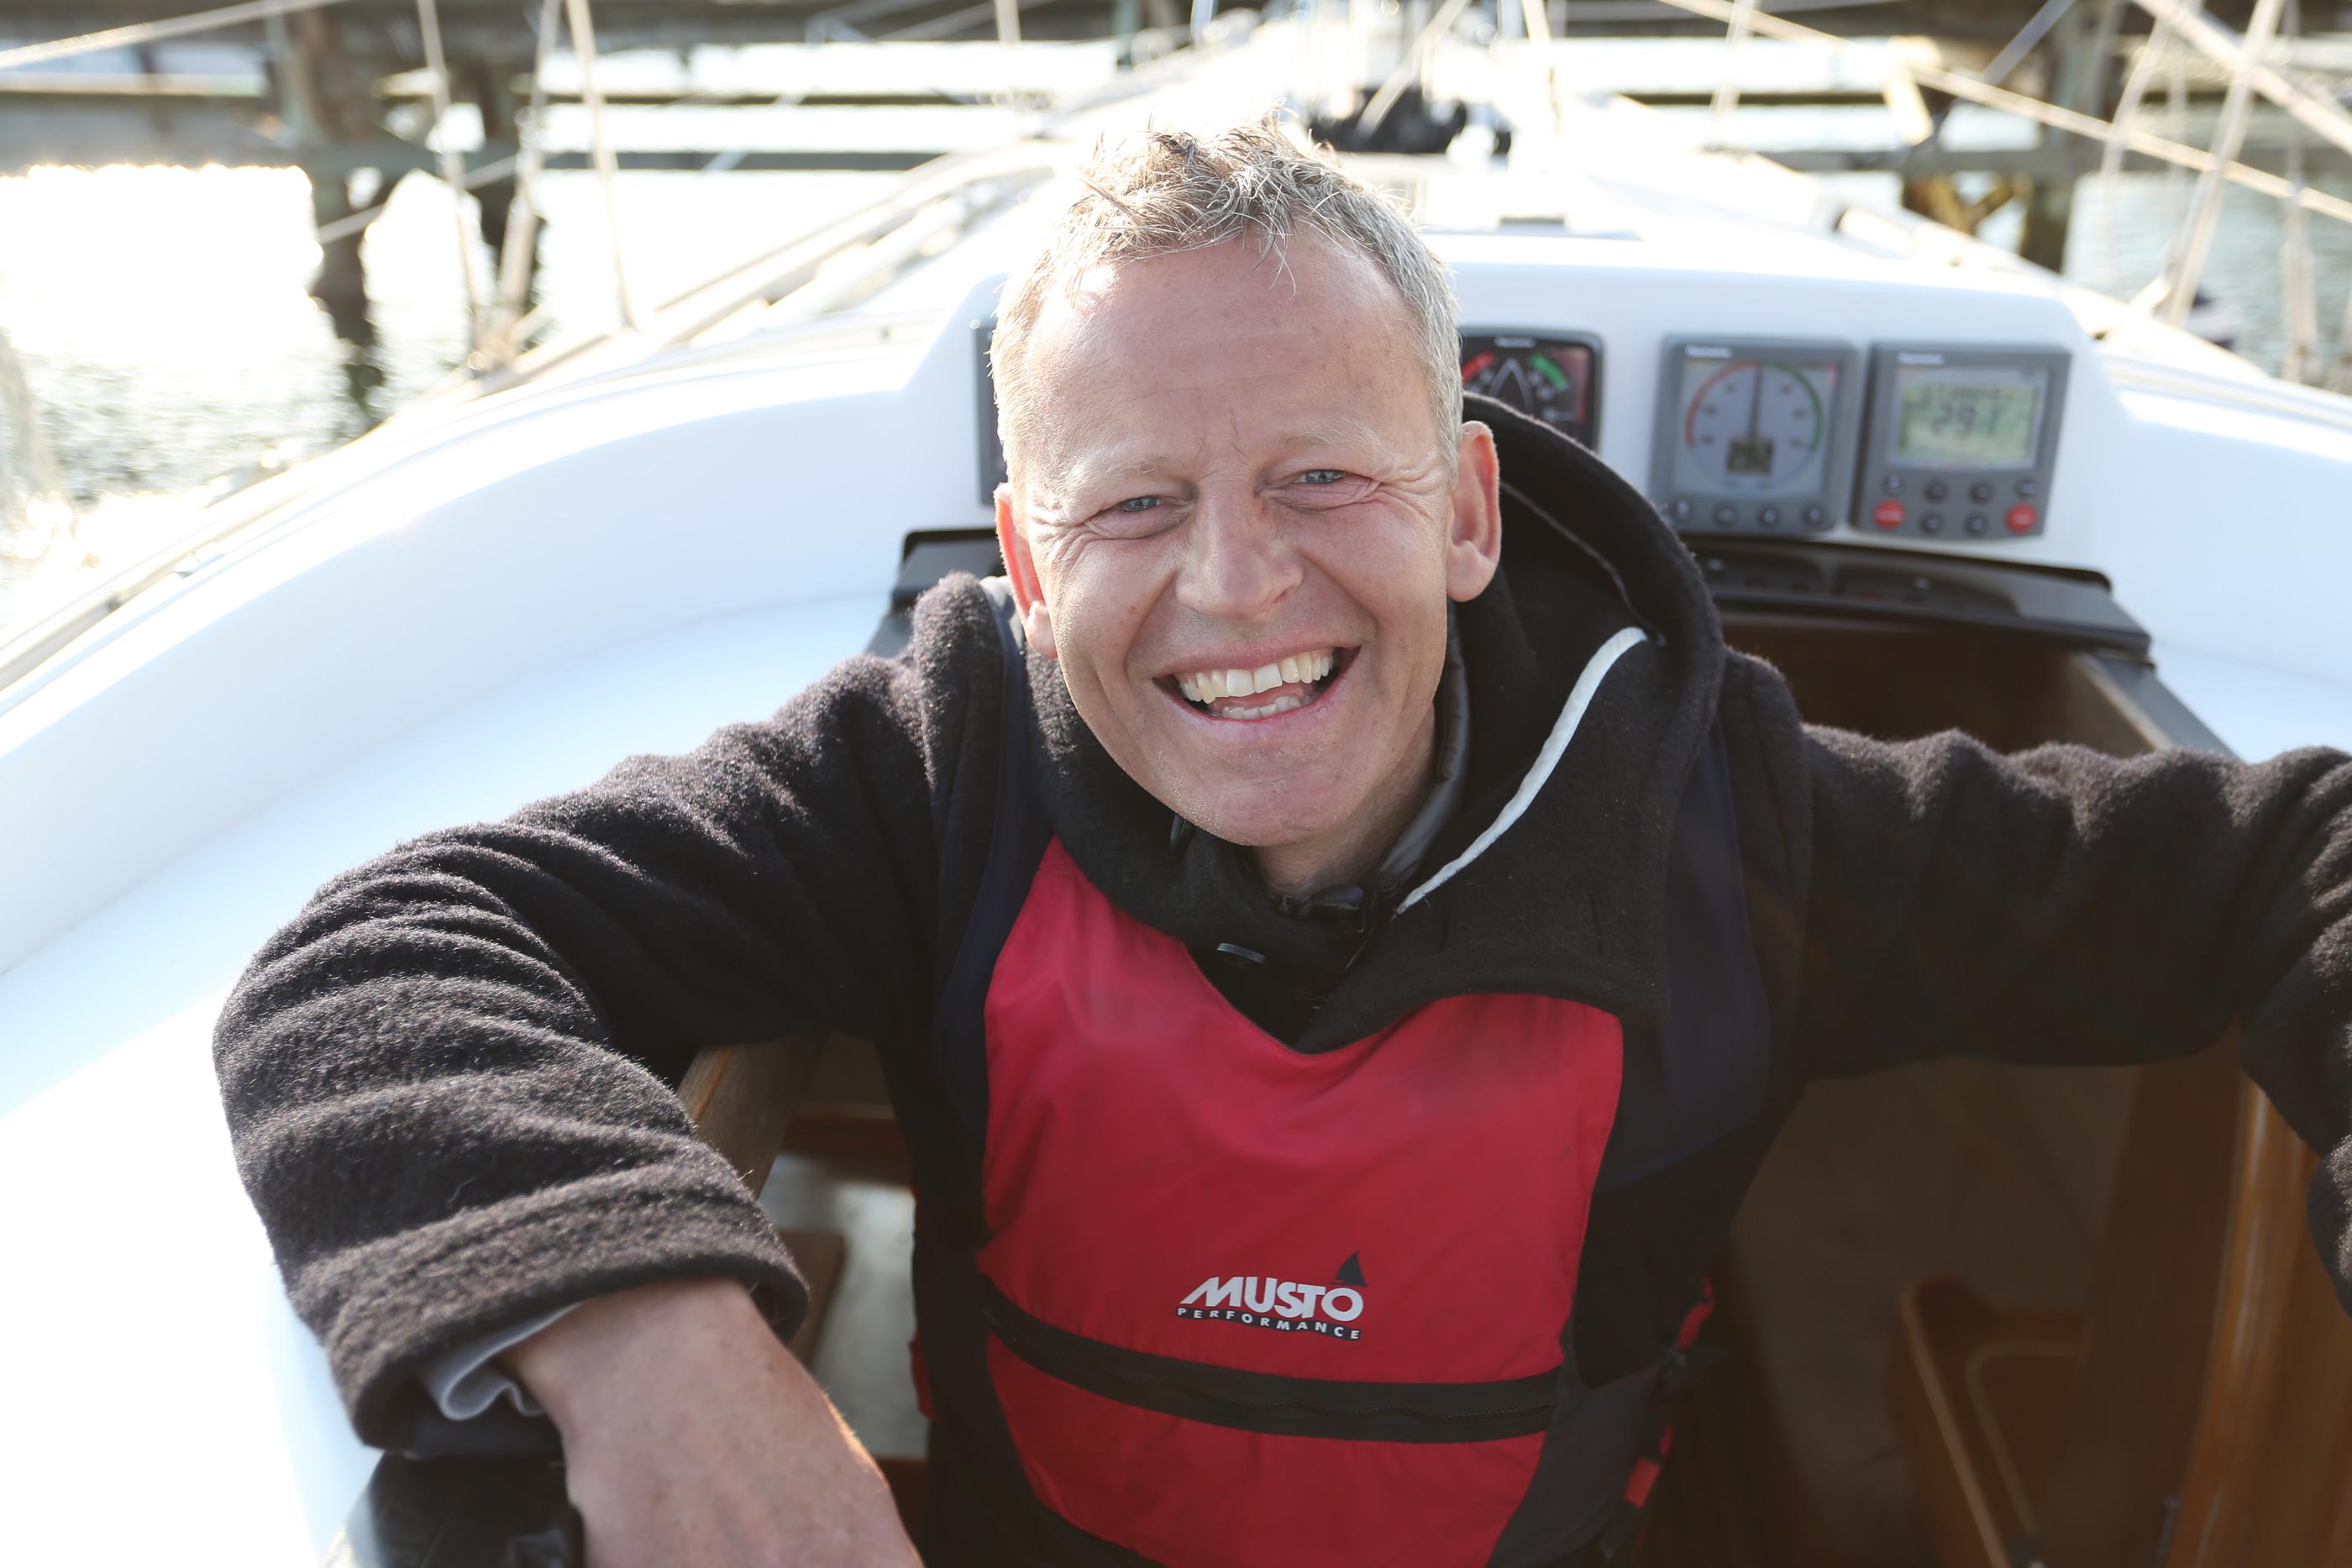 Bubber har taget vennerne med på vandet - og han opfordrer andre til at gøre det samme.